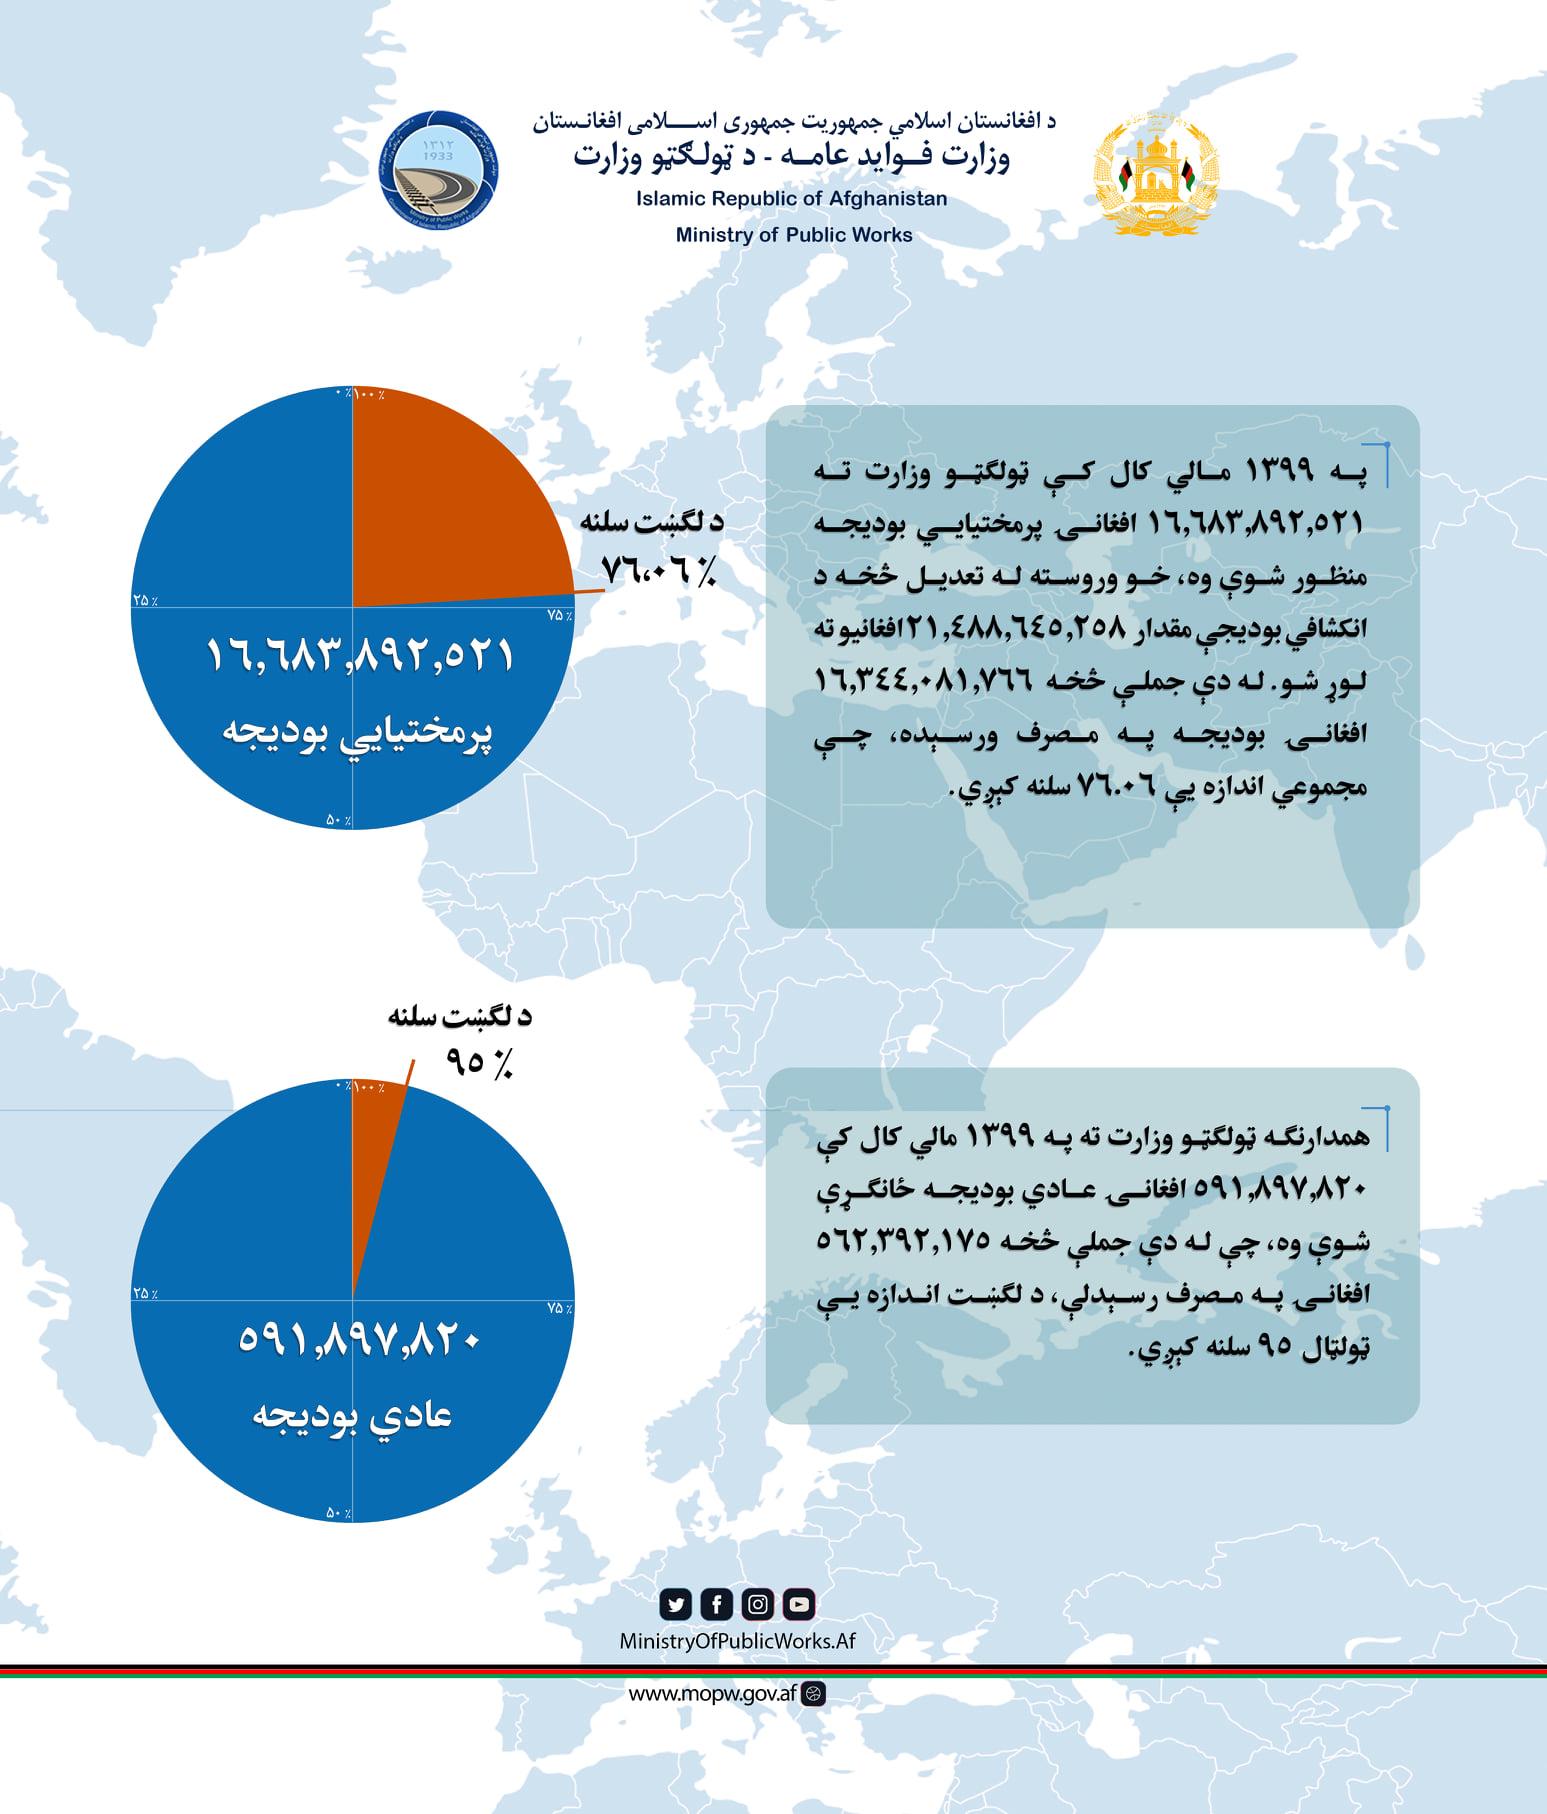 مصرف بودجه انکشافی و عادی وزارت فوایدعامه در سال مالی ۱۳۹۹